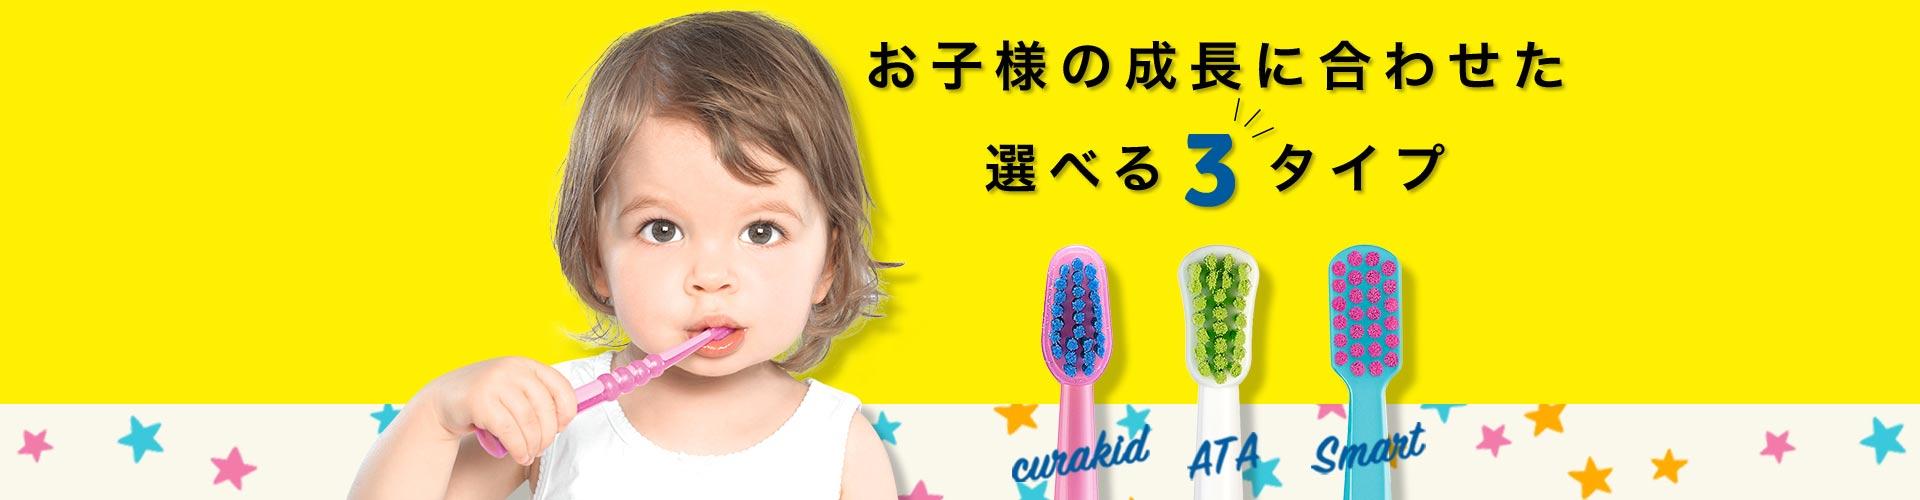 キッズ歯ブラシの選び方